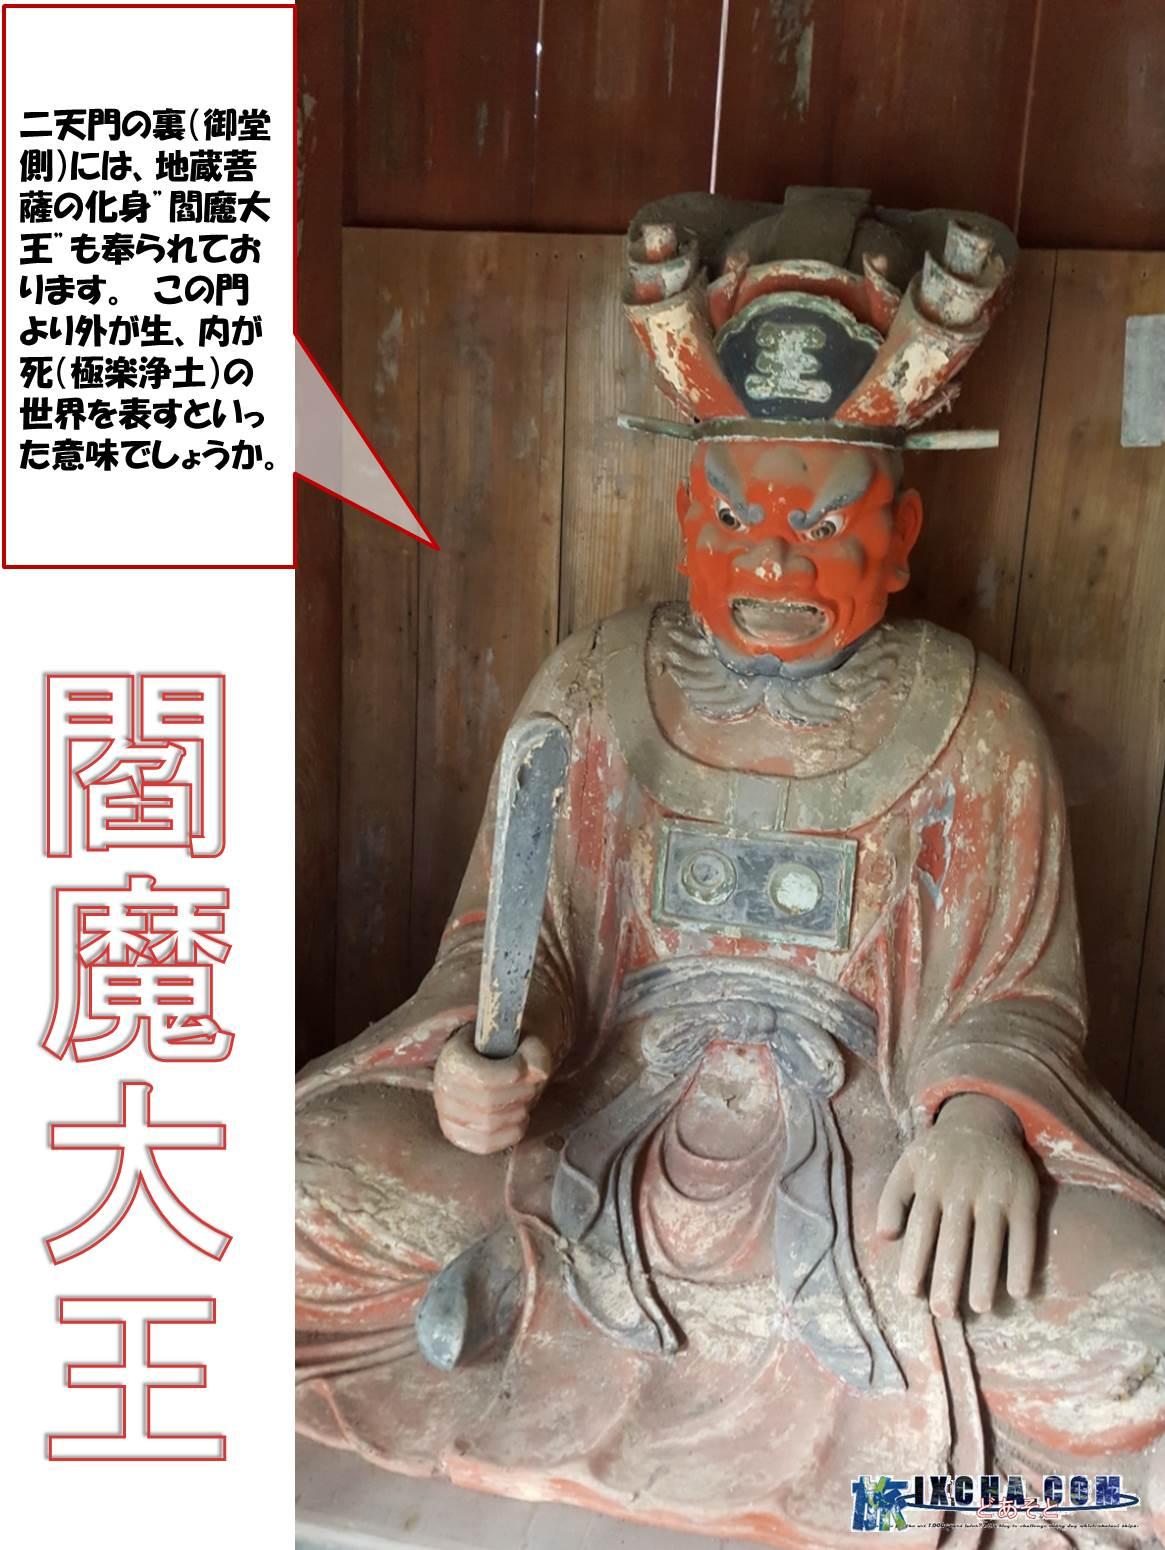 """二天門の裏(御堂側)には、地蔵菩薩の化身""""閻魔大王""""も奉られております。 この門より外が生、内が死(極楽浄土)の世界を表すといった意味でしょうか。 閻魔大王"""